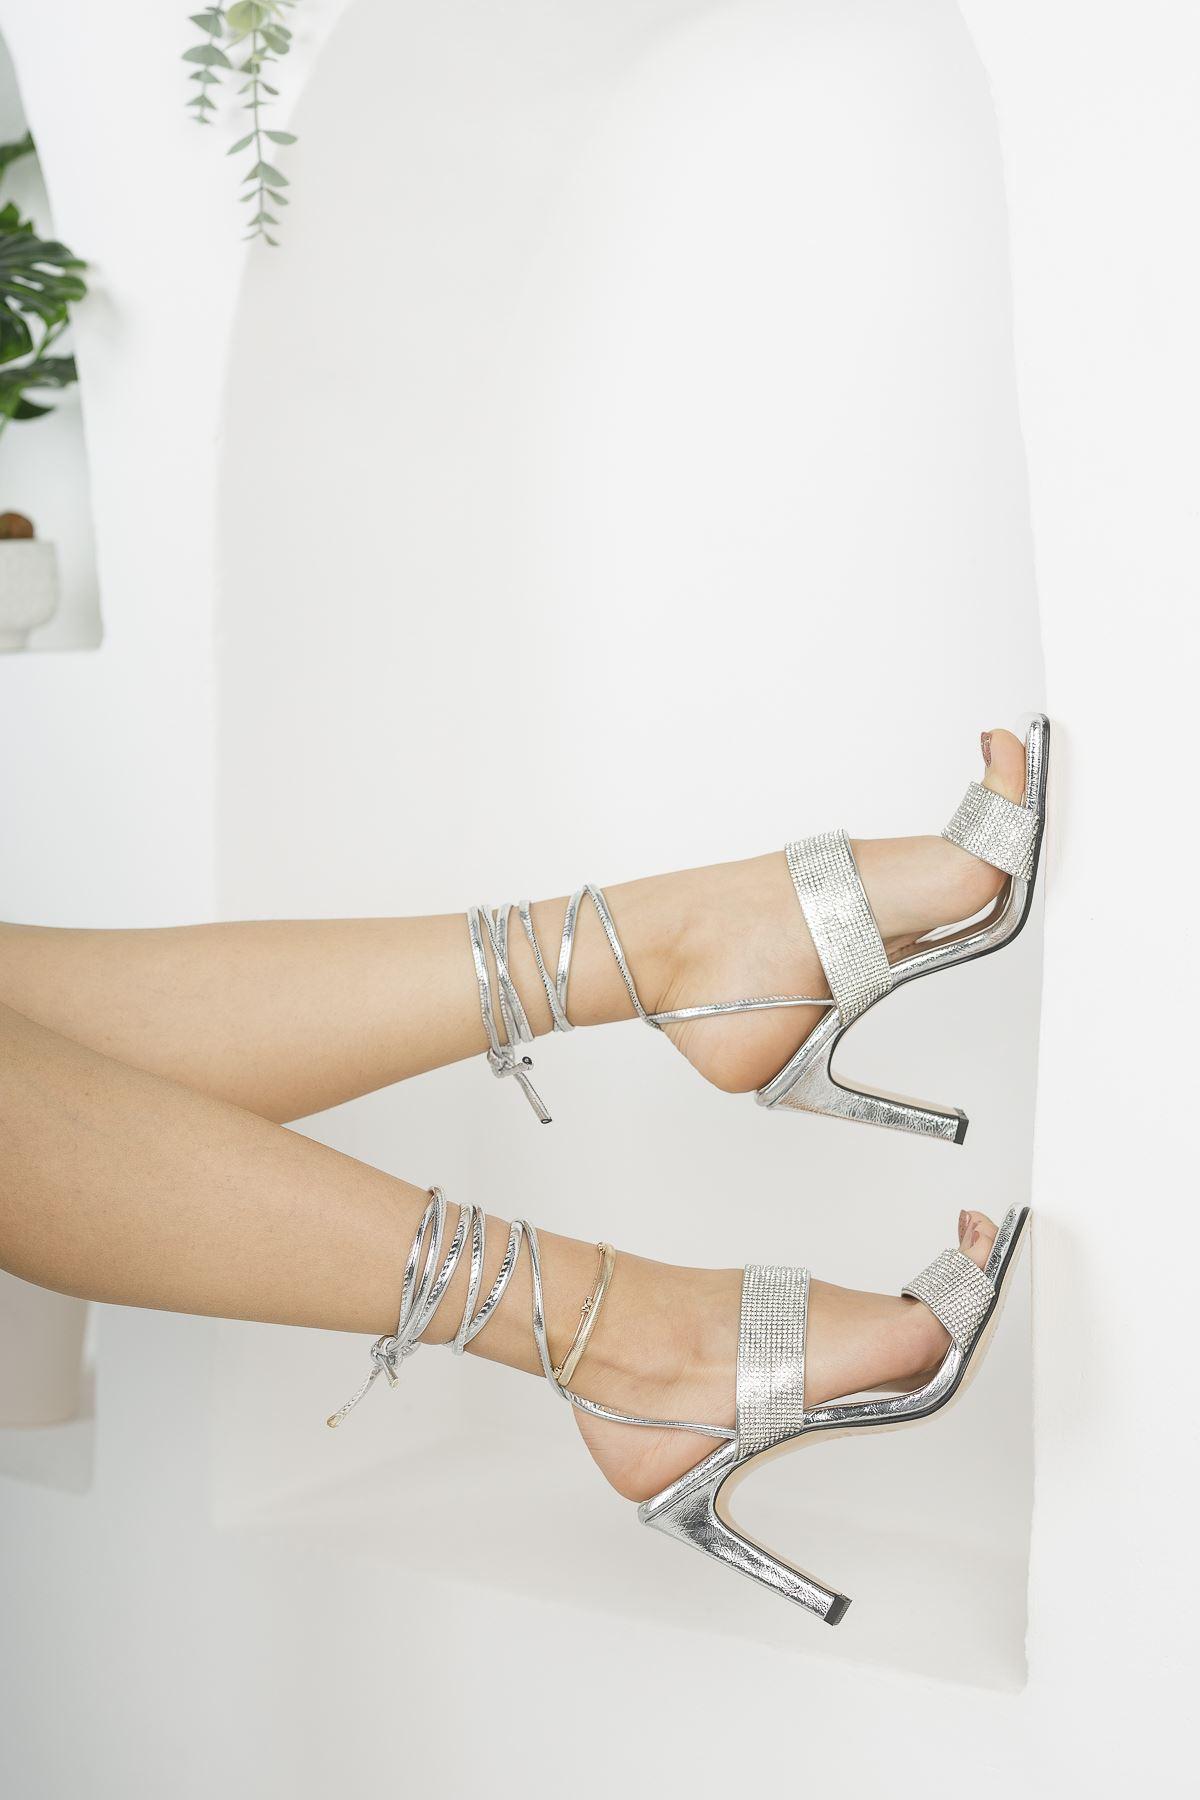 Kadın Jabel Mat Deri Bilekten Bağlama Detaylı Yüksek Topuklu Ayakkabı Gümüş